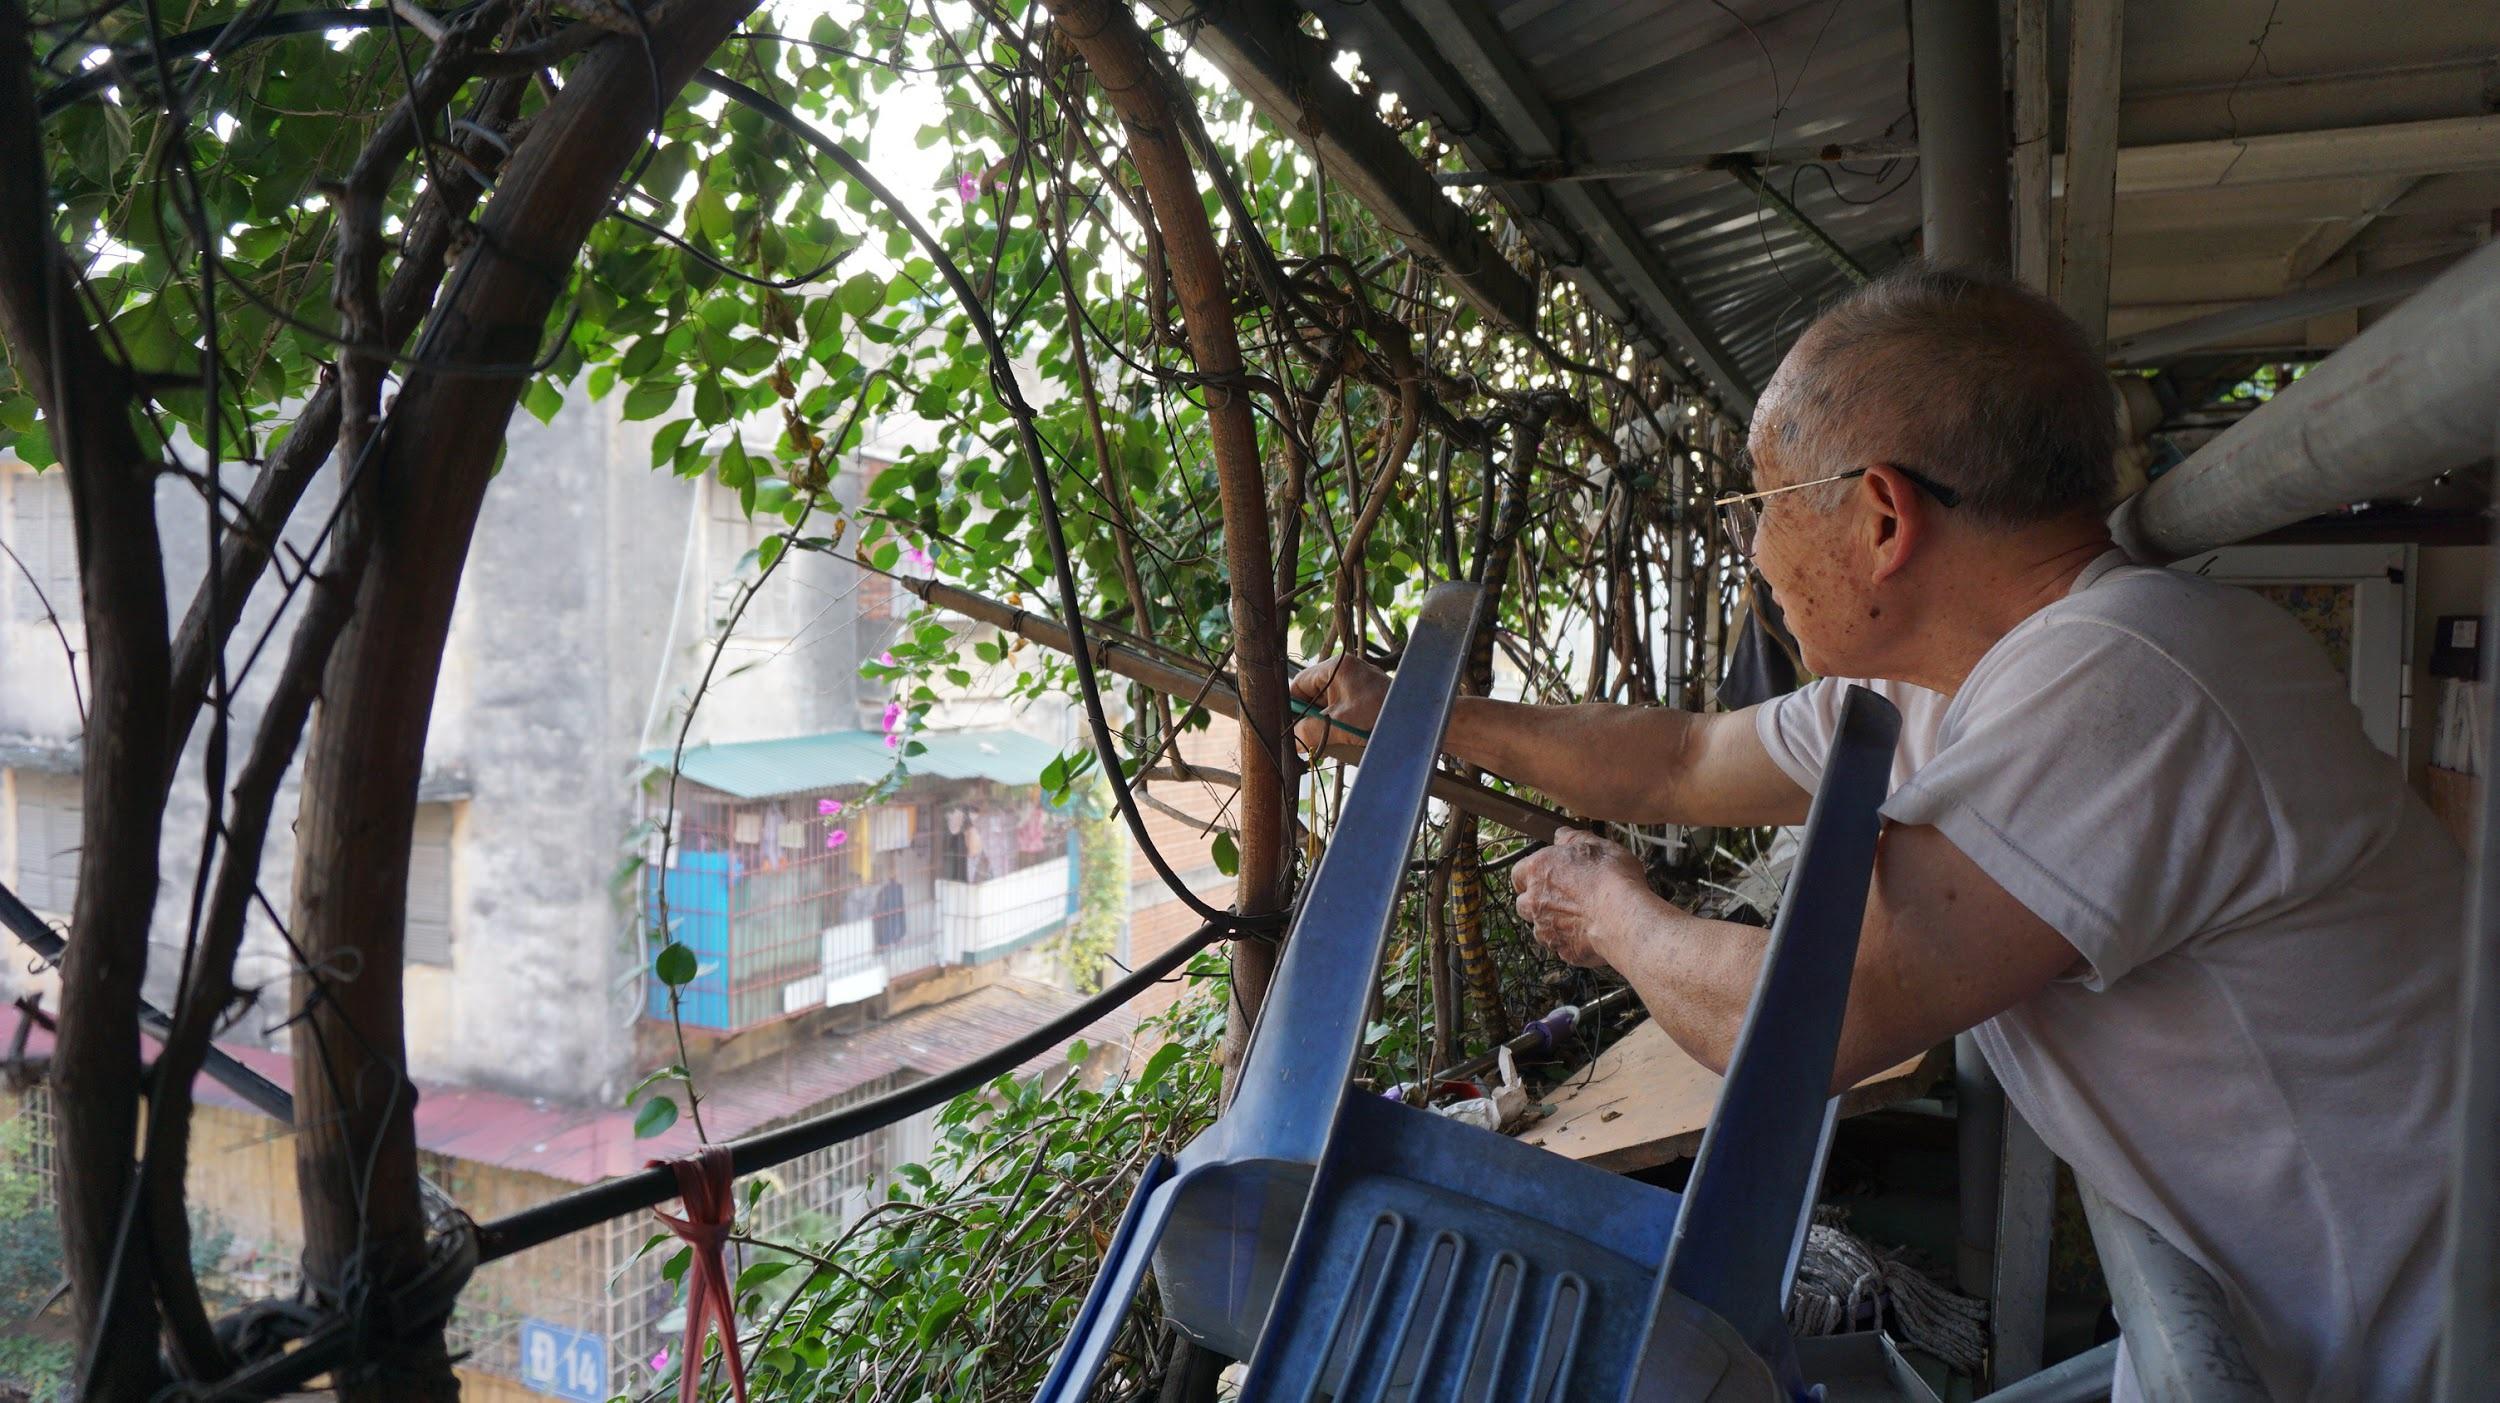 Nhà cây 5 tầng phủ kín hoa giấy ở Hà Nội, ai đi qua cũng dừng lại ngắm - 11